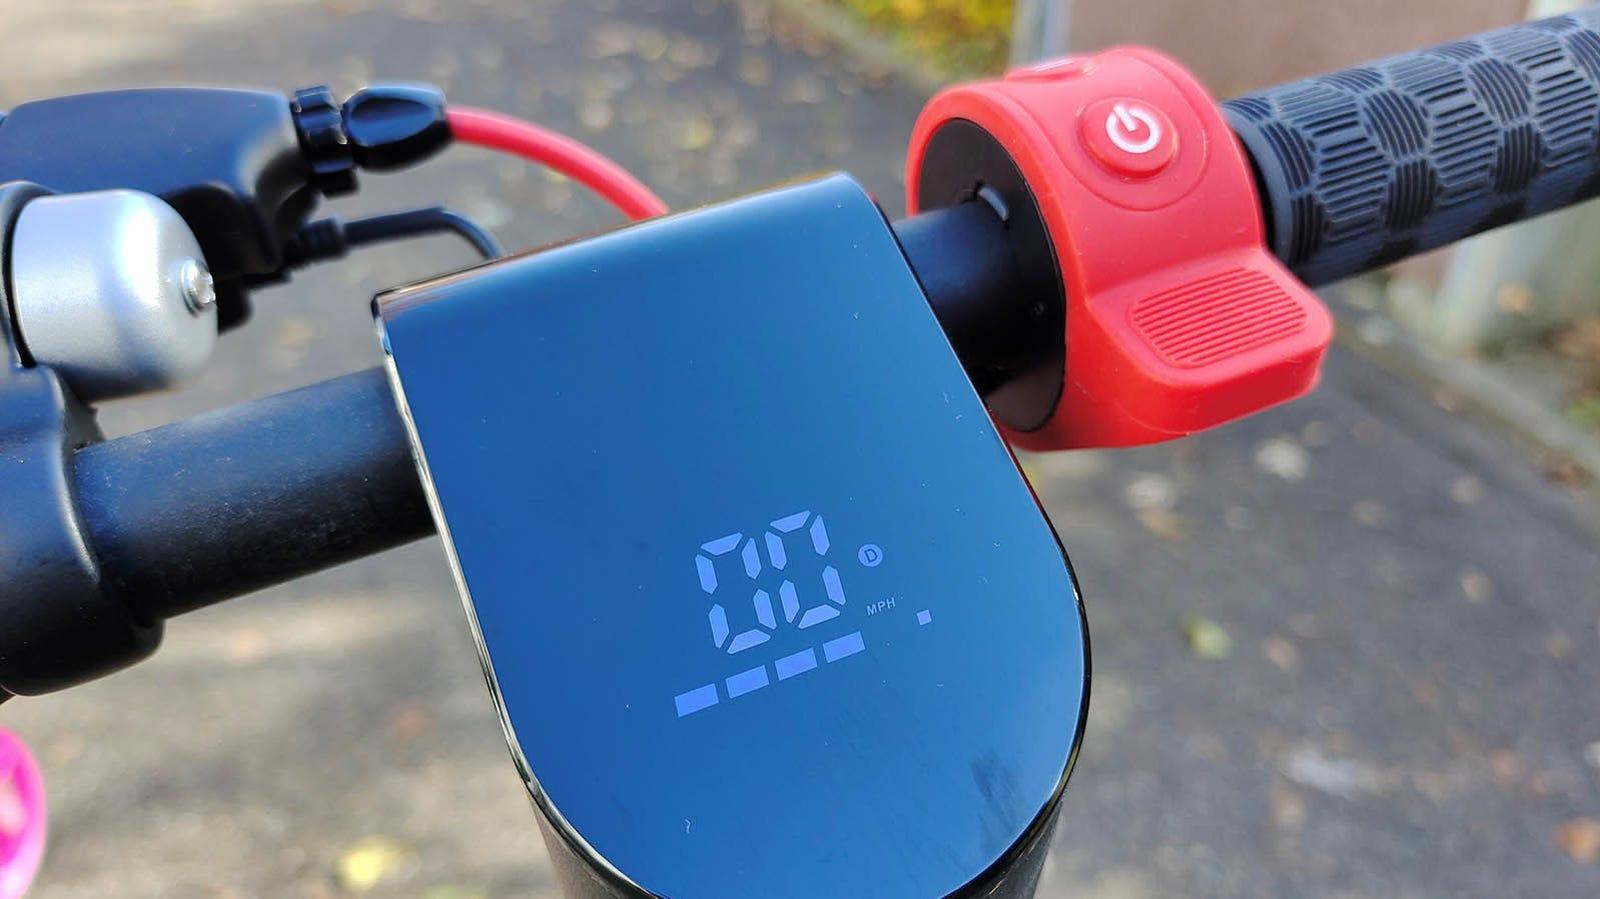 La pantalla muestra la velocidad, la batería y el modo en el que estamos.